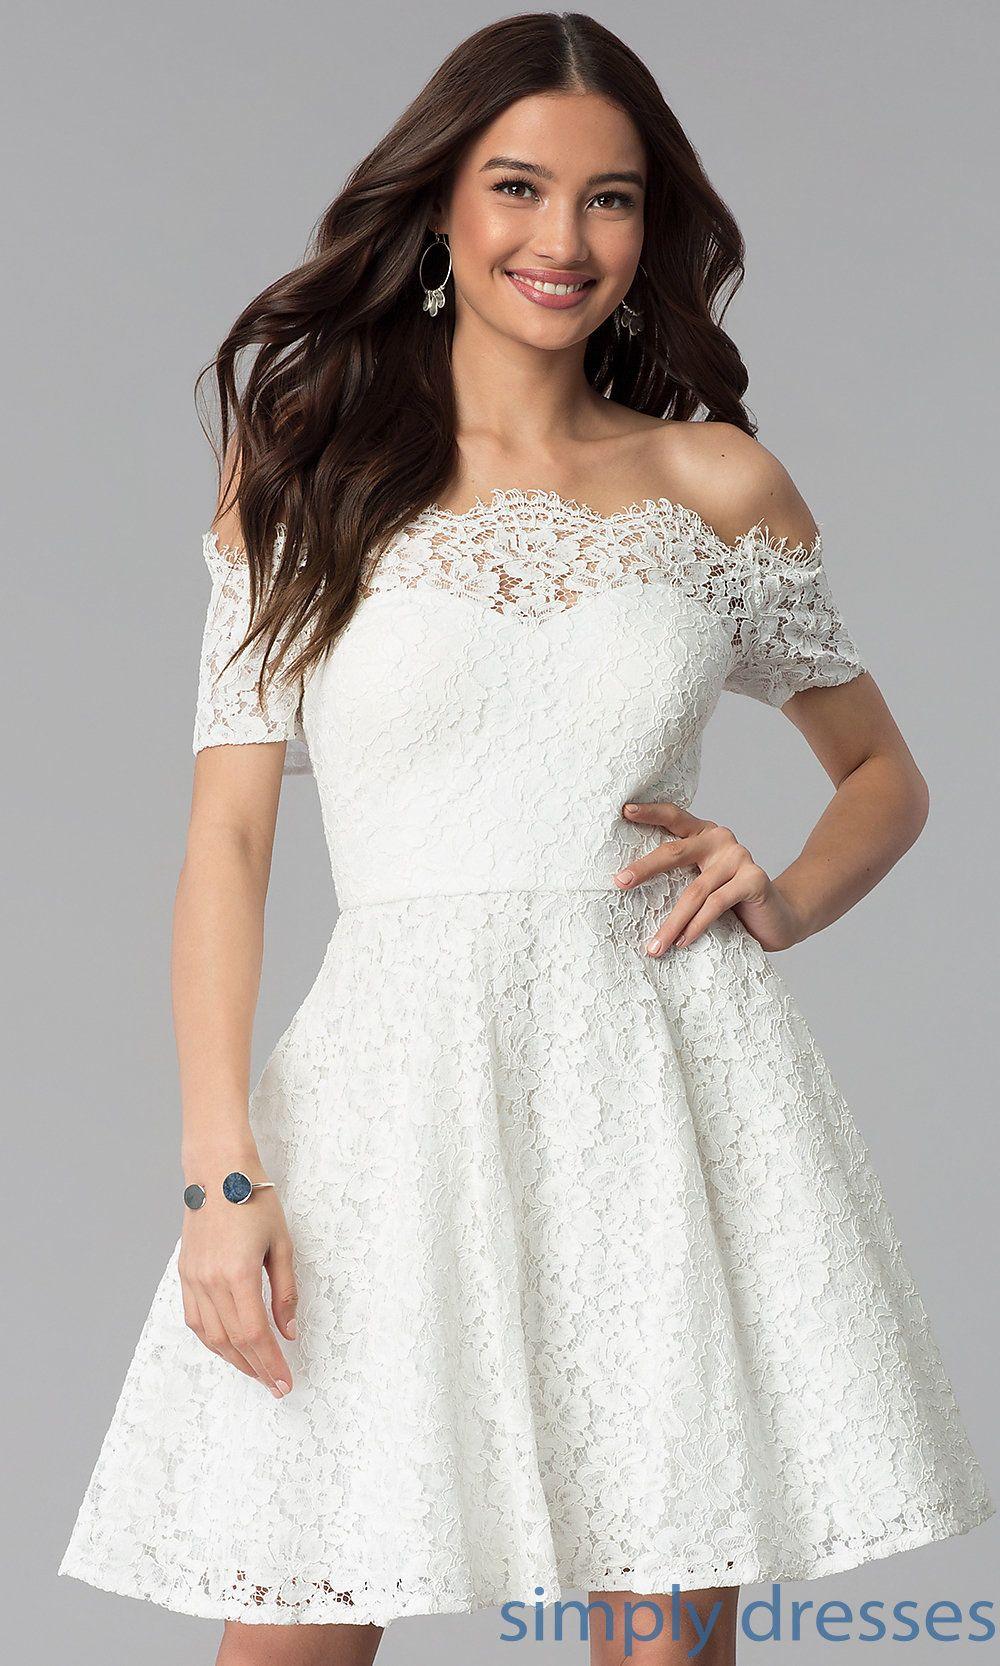 Short Off The Shoulder Lace Graduation Party Dress White Dresses Graduation Graduation Party Dresses White Lace Party Dress [ 1666 x 1000 Pixel ]